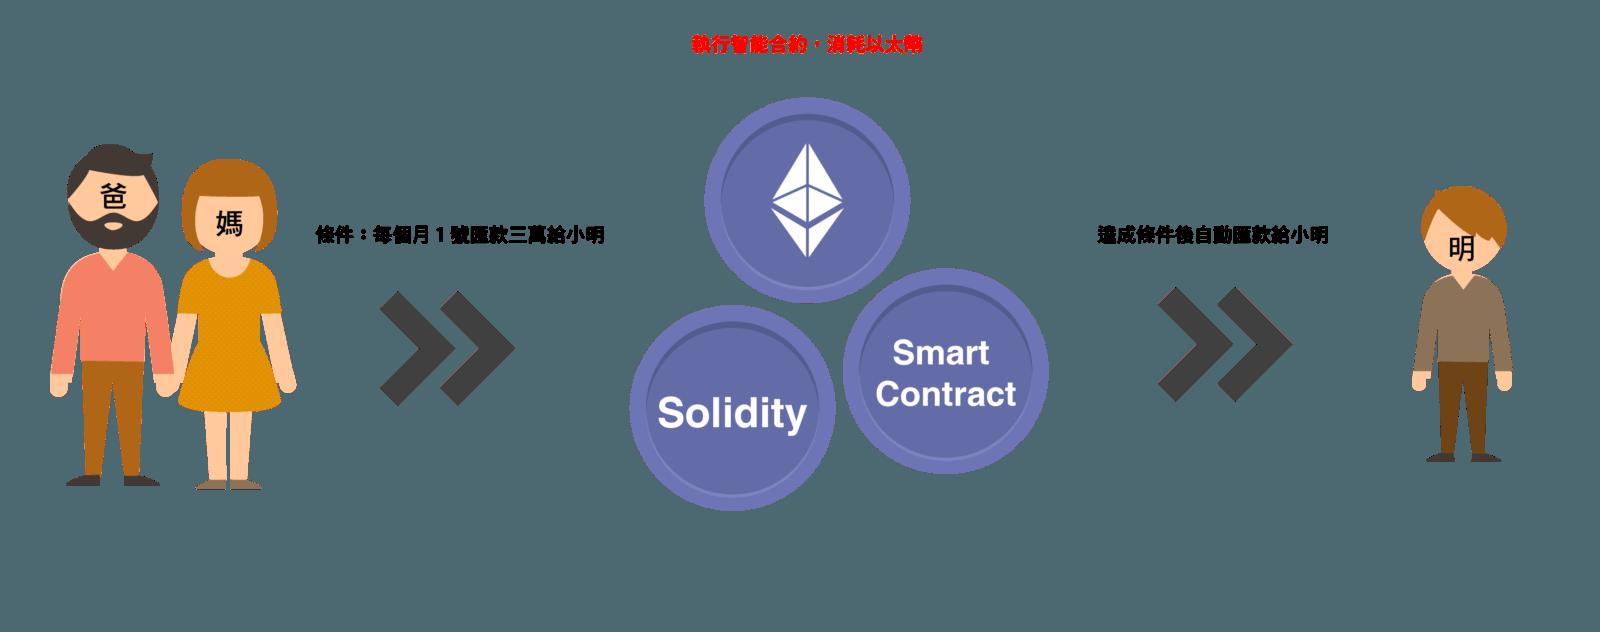 【幣種介紹】Ethereum - 區塊鏈2.0